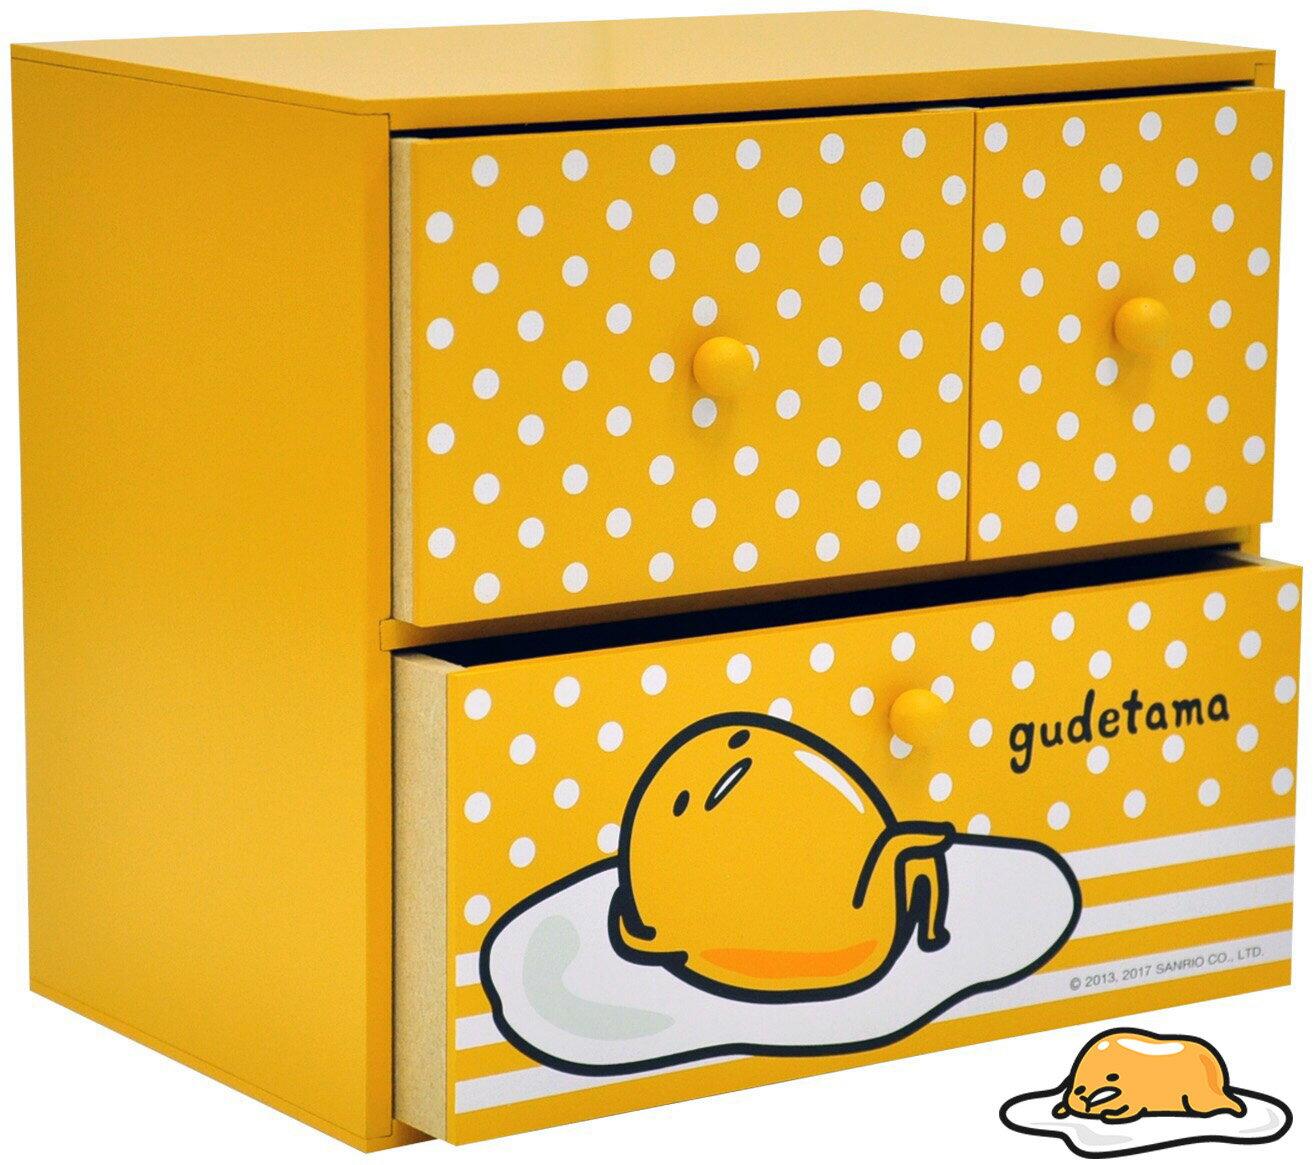 【真愛日本】 17051000001 木製多功能三抽屜盒-蛋黃哥翹腿 三麗鷗 蛋黃哥 抽屜櫃 收納櫃 置物櫃